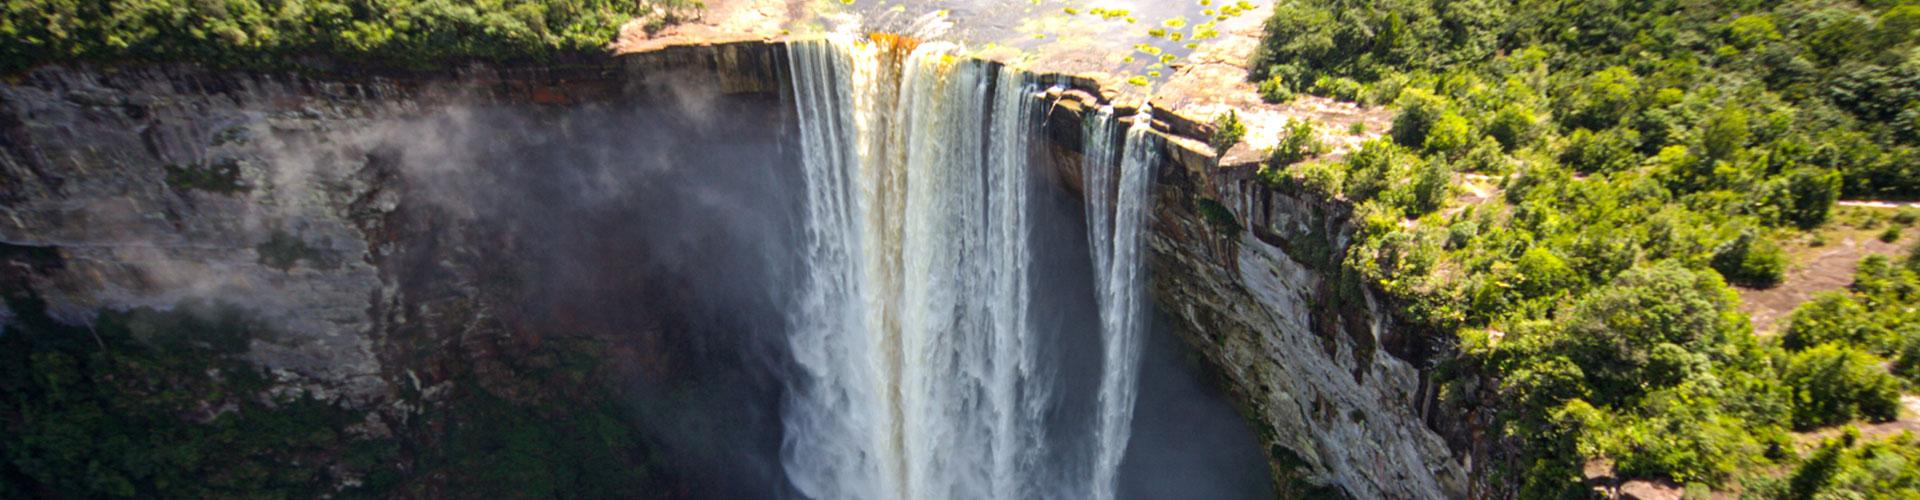 Foto: der Kaieteur-Wasserfall in Guyana fällt an eine Bergkante in die Schlucht